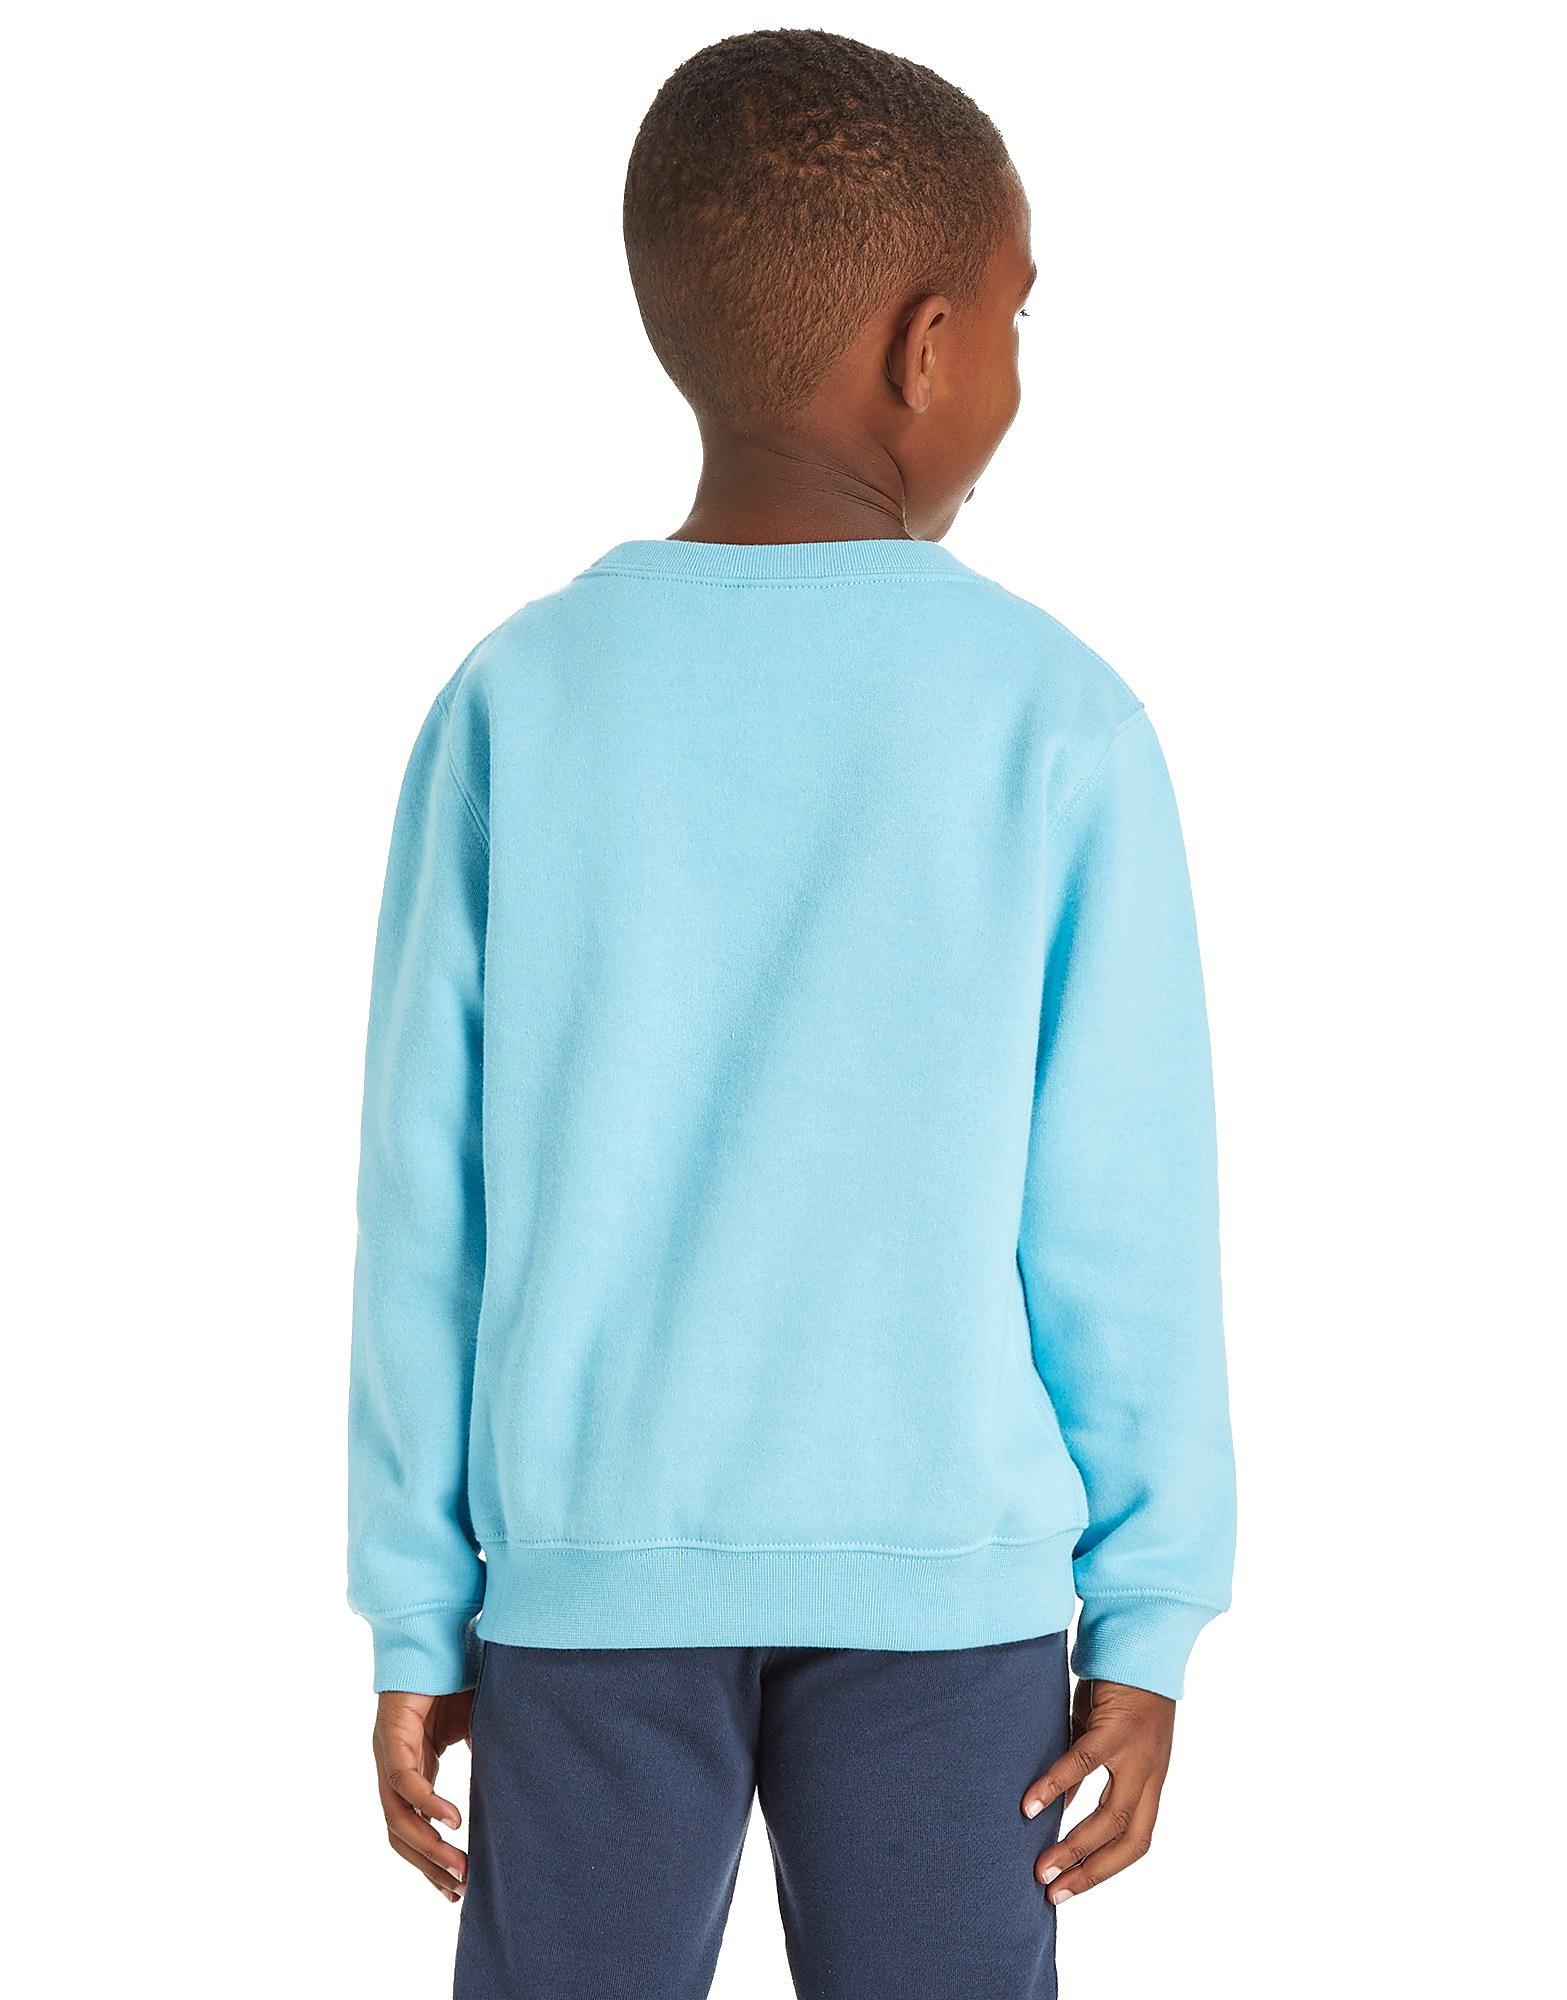 Nike suéter Crew Neck infantil